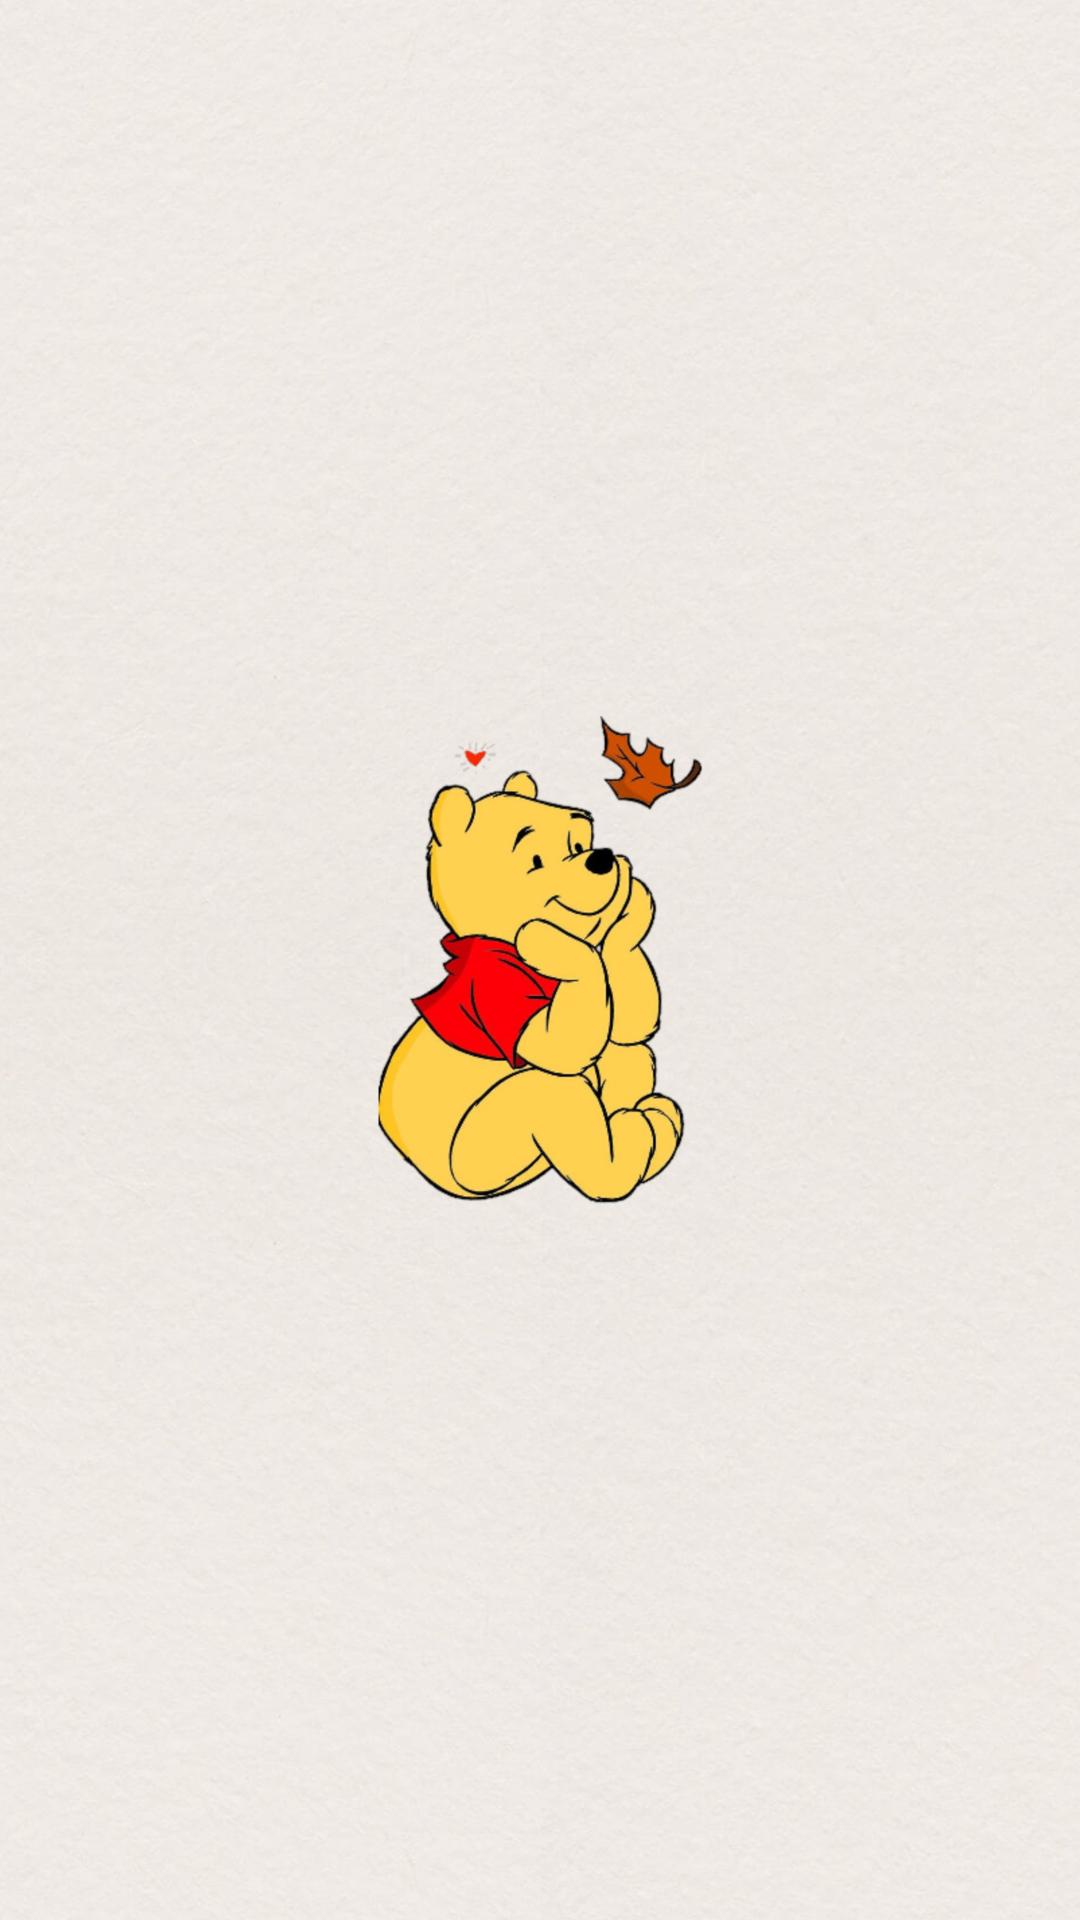 Autumn Fall Winnie The Pooh Wallpaper Winnie The Pooh Background Cartoon Wallpaper Cute Winnie The Pooh